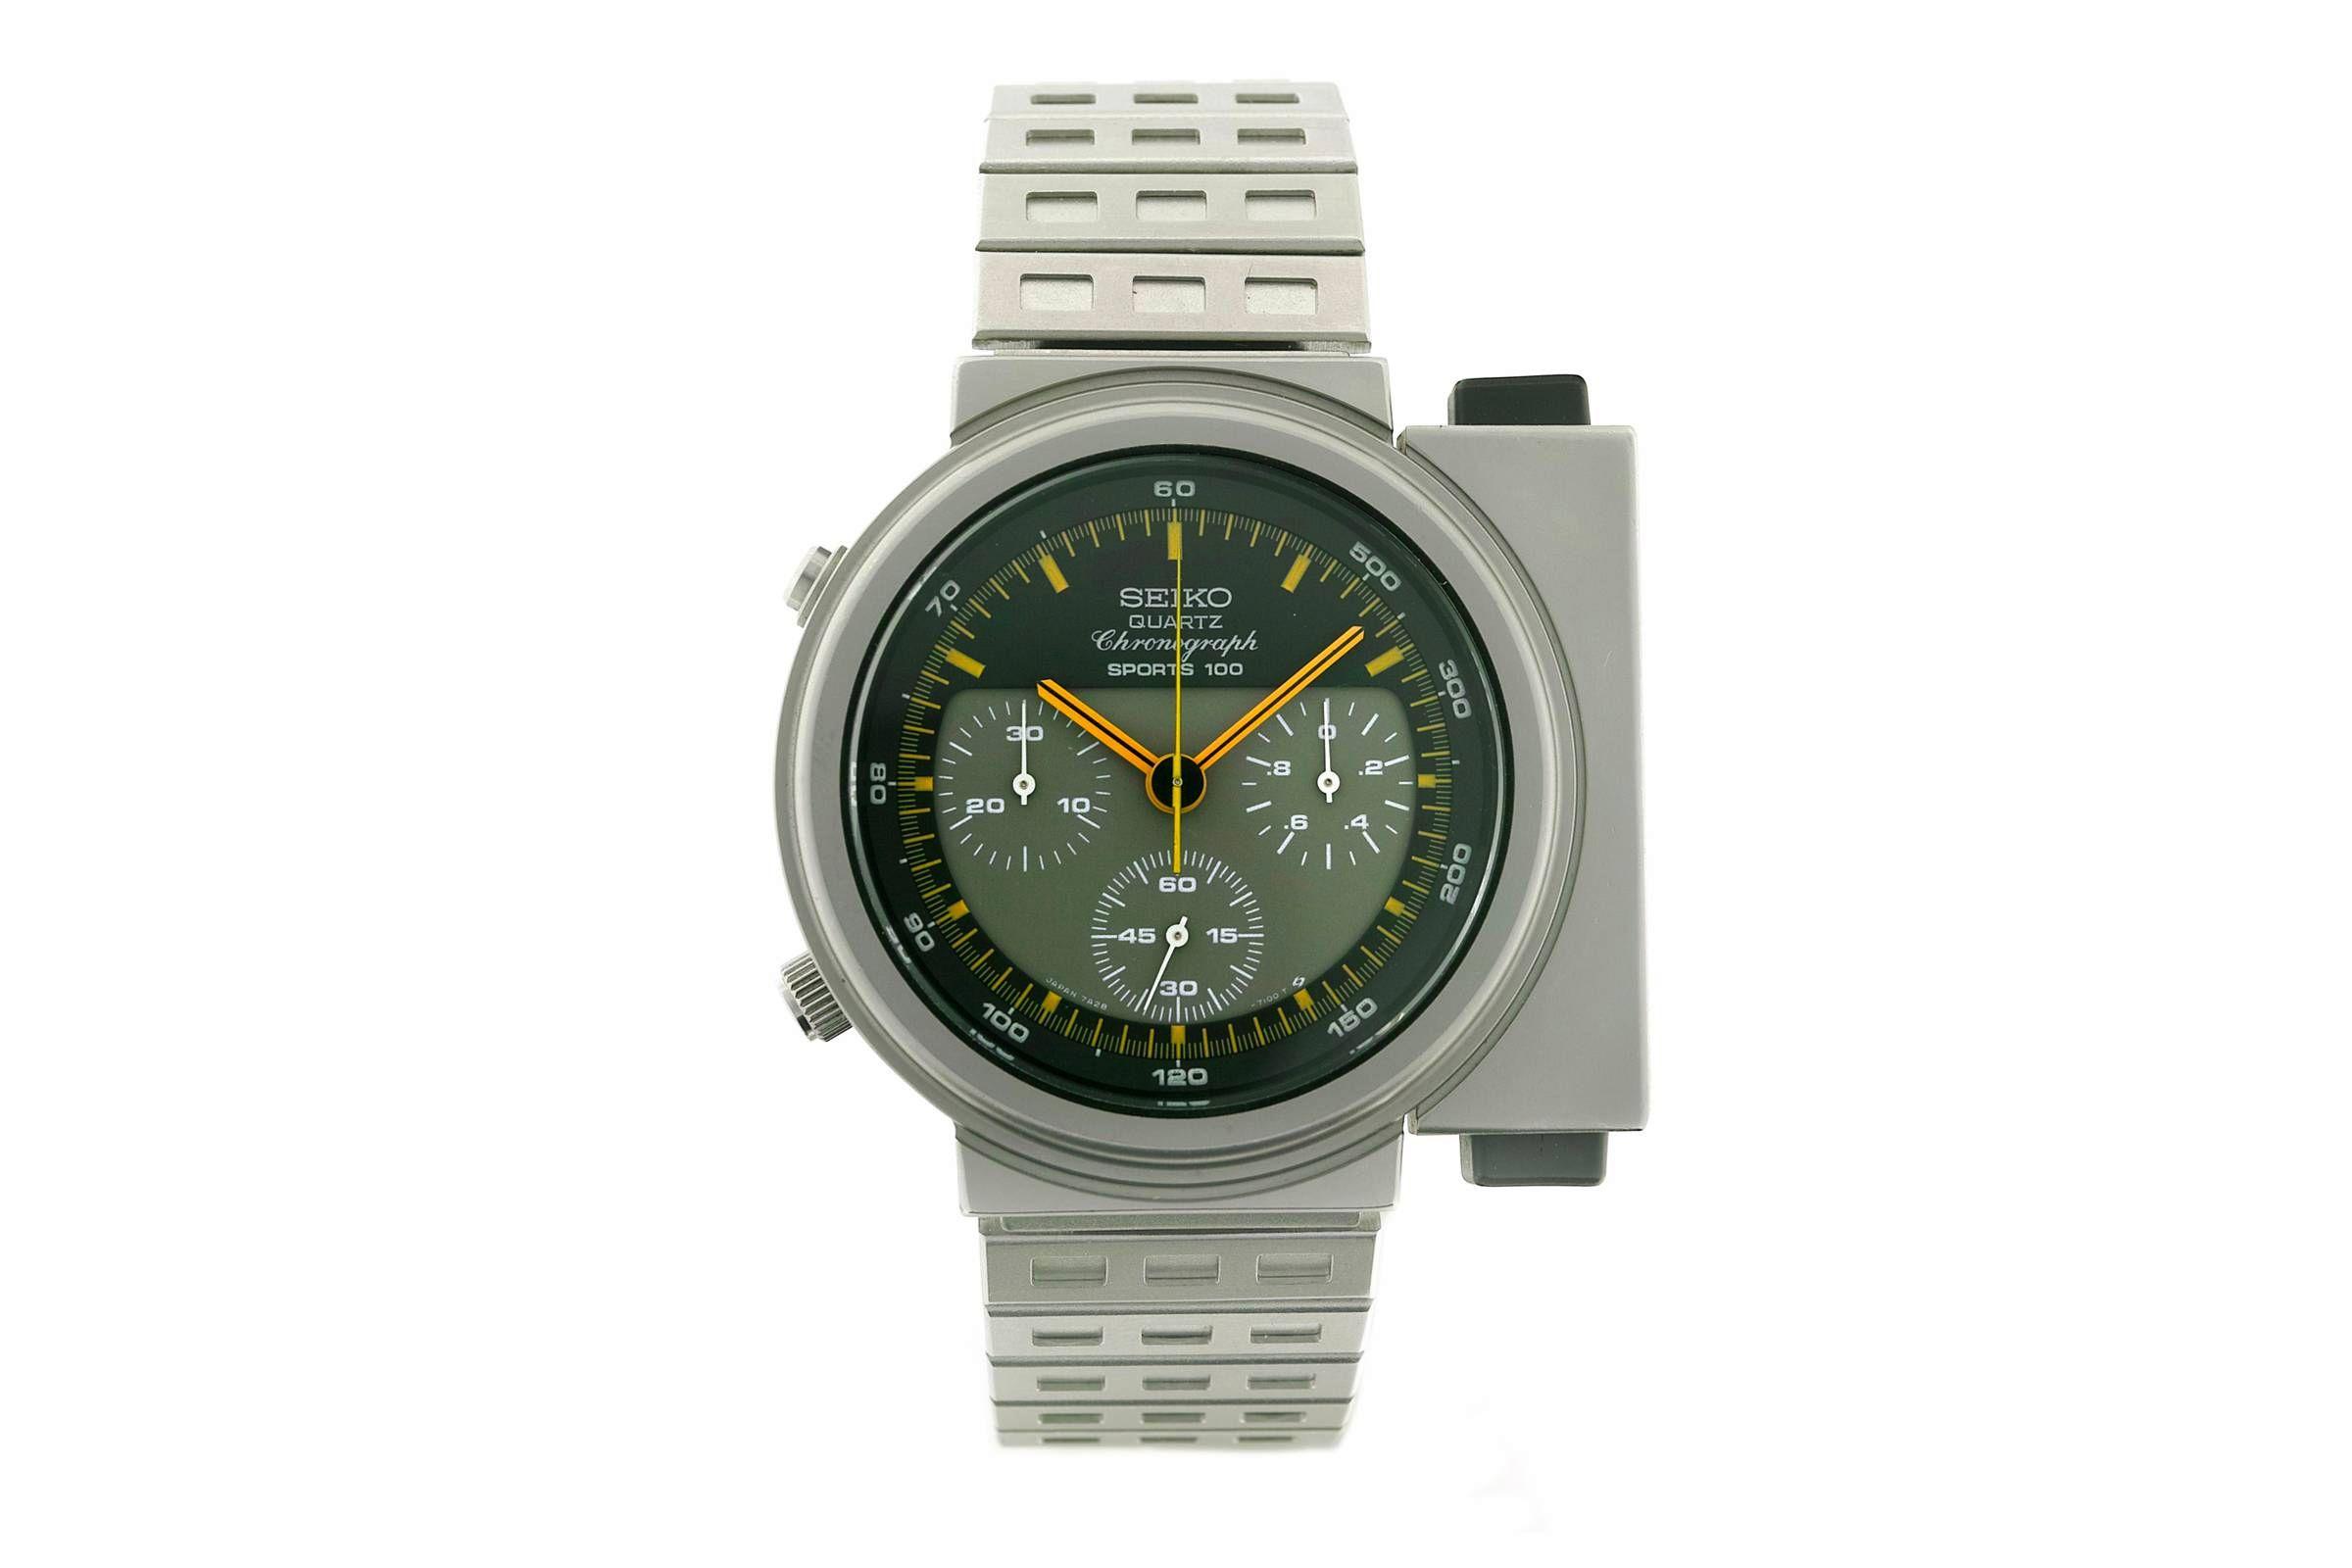 Giorgetto Giugiaro x Seiko Re-Issues — Лучшие мужские часы — Молодежный Центр